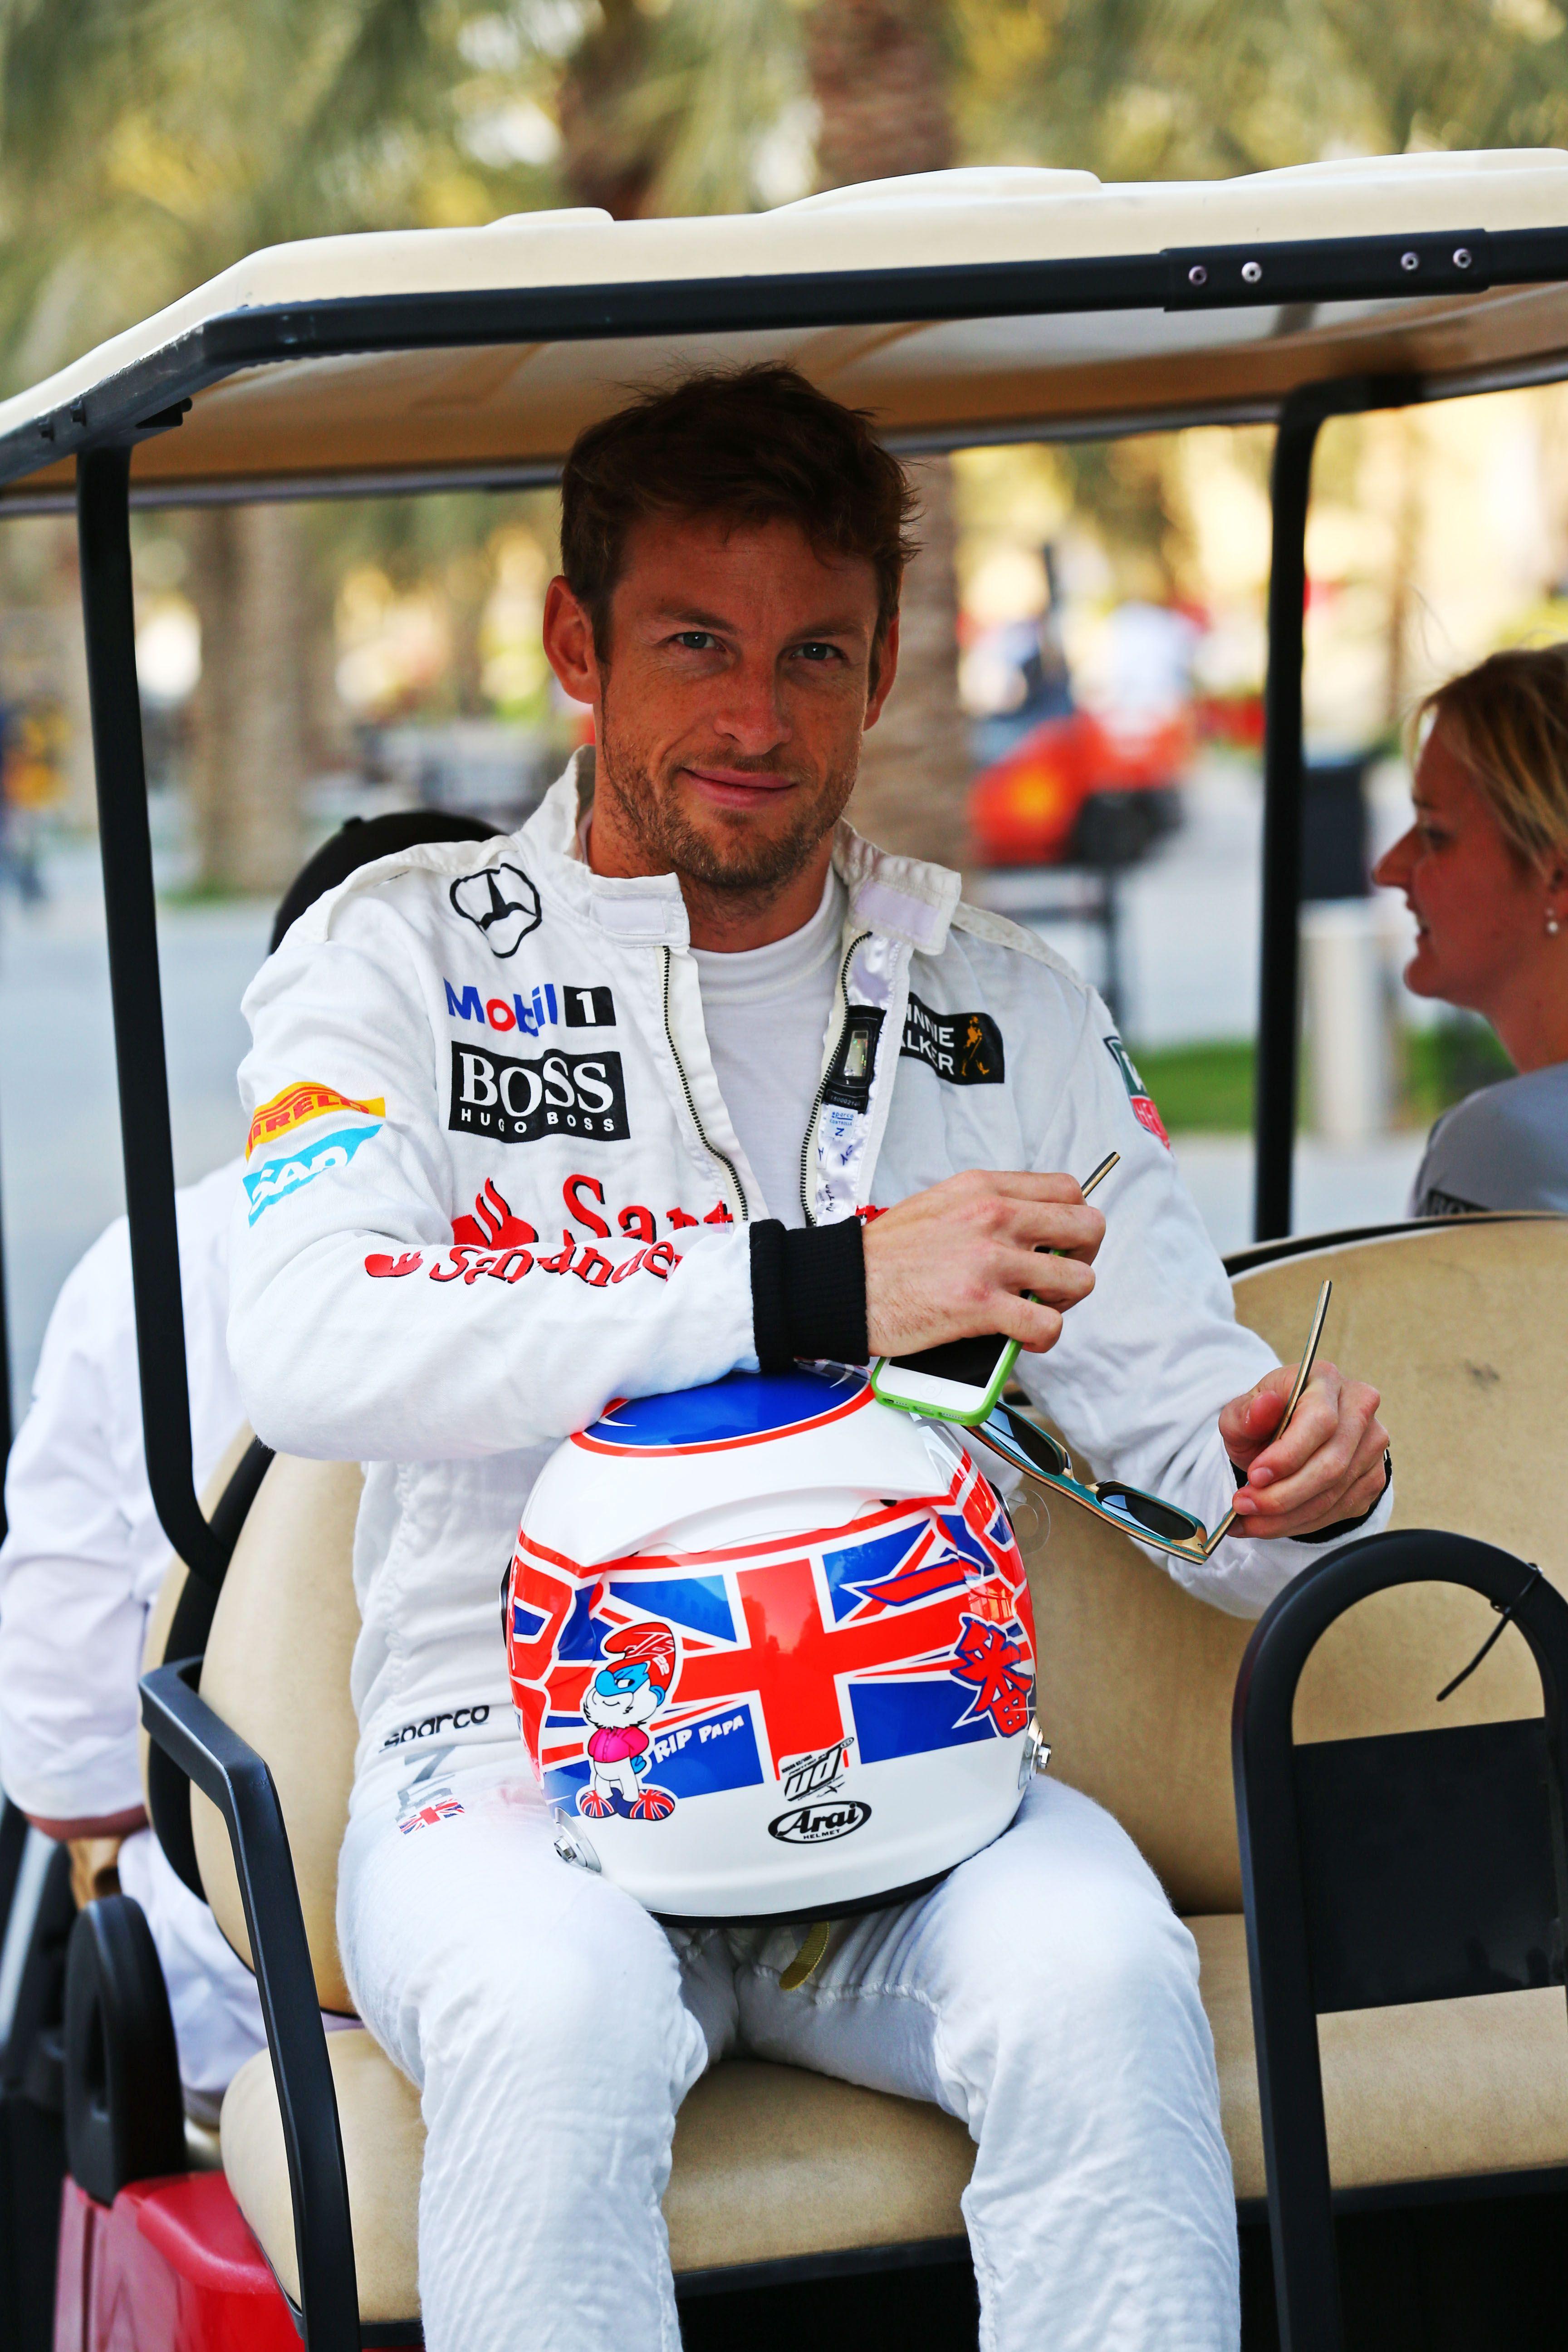 F1 2014 Mclaren, Formula 1, Classic racing cars